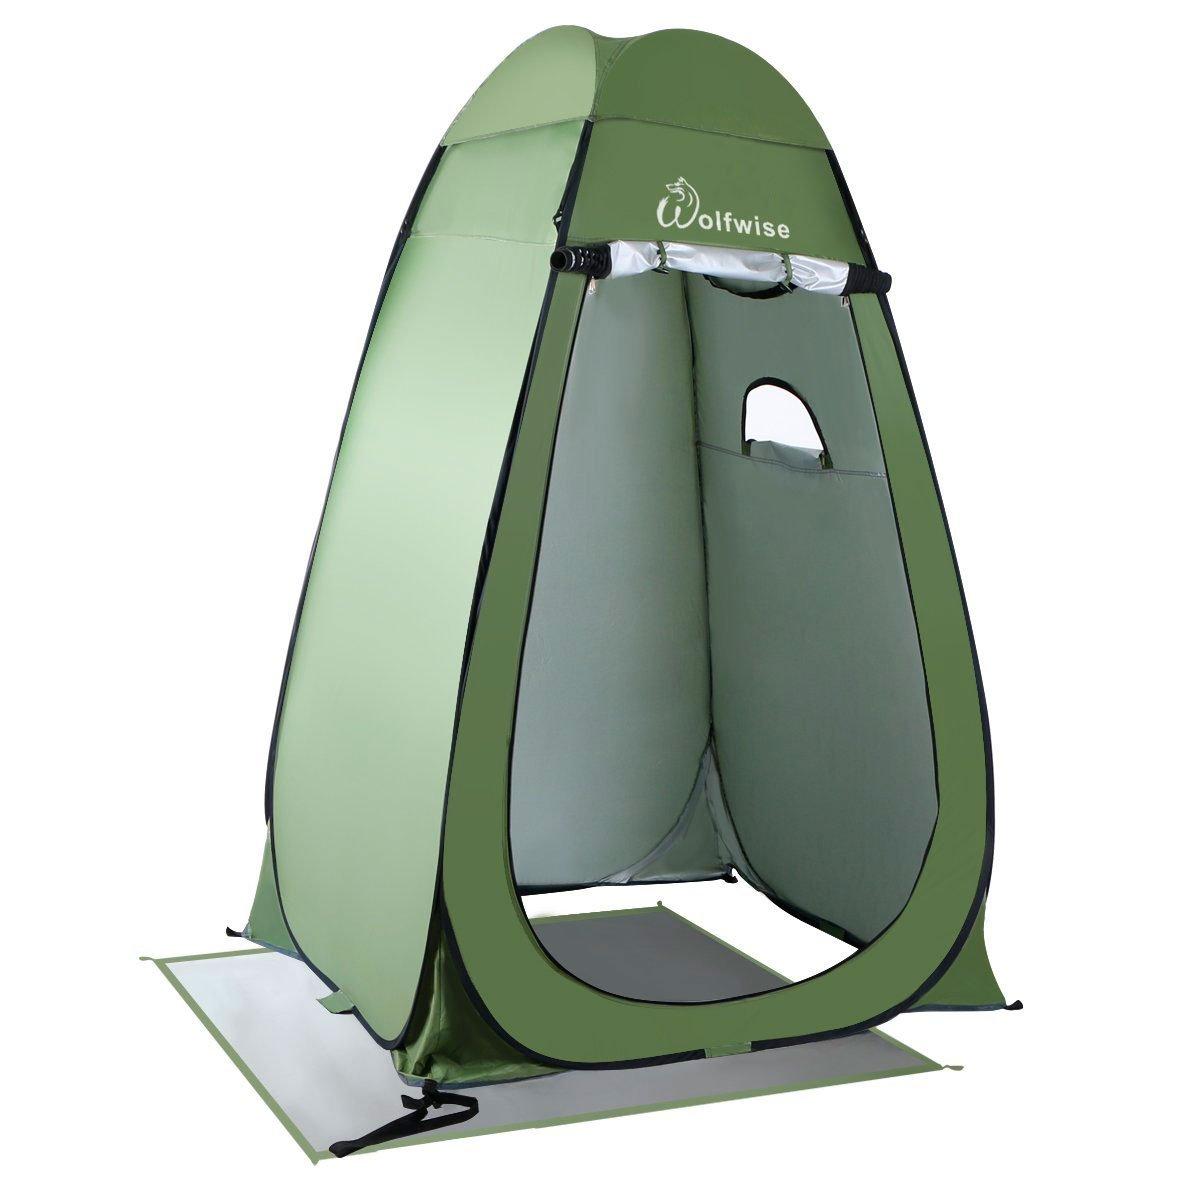 WolfWise Tienda de Campaña Tent Abrir Cerrar Automáticamente Pop Up Portable Sirve Para Camping Playa Bosques Zonas de montaña Ducha Aseo Carpas Vestidor ...